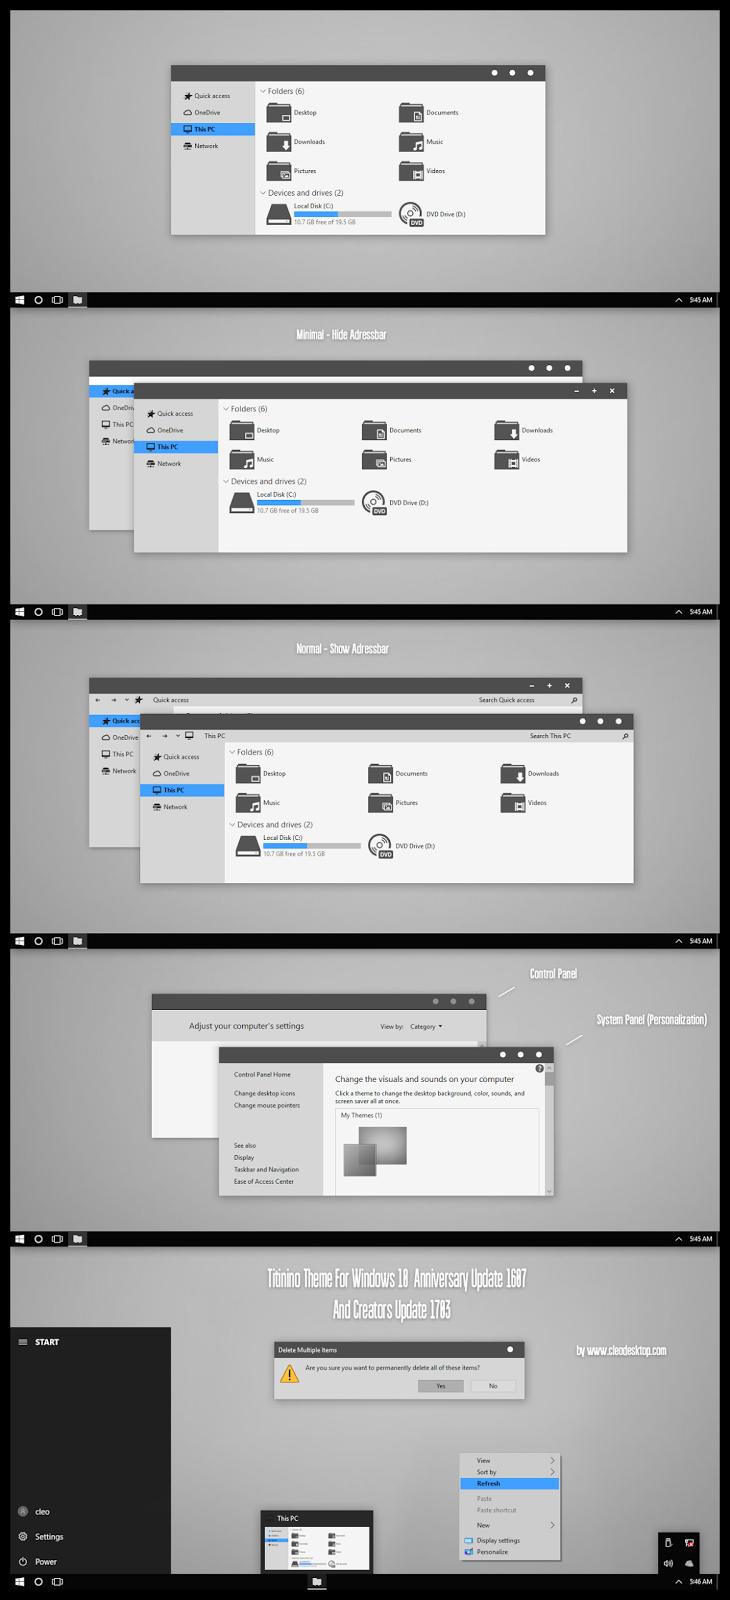 Titinino Theme For Windows10 Creators Update 1703